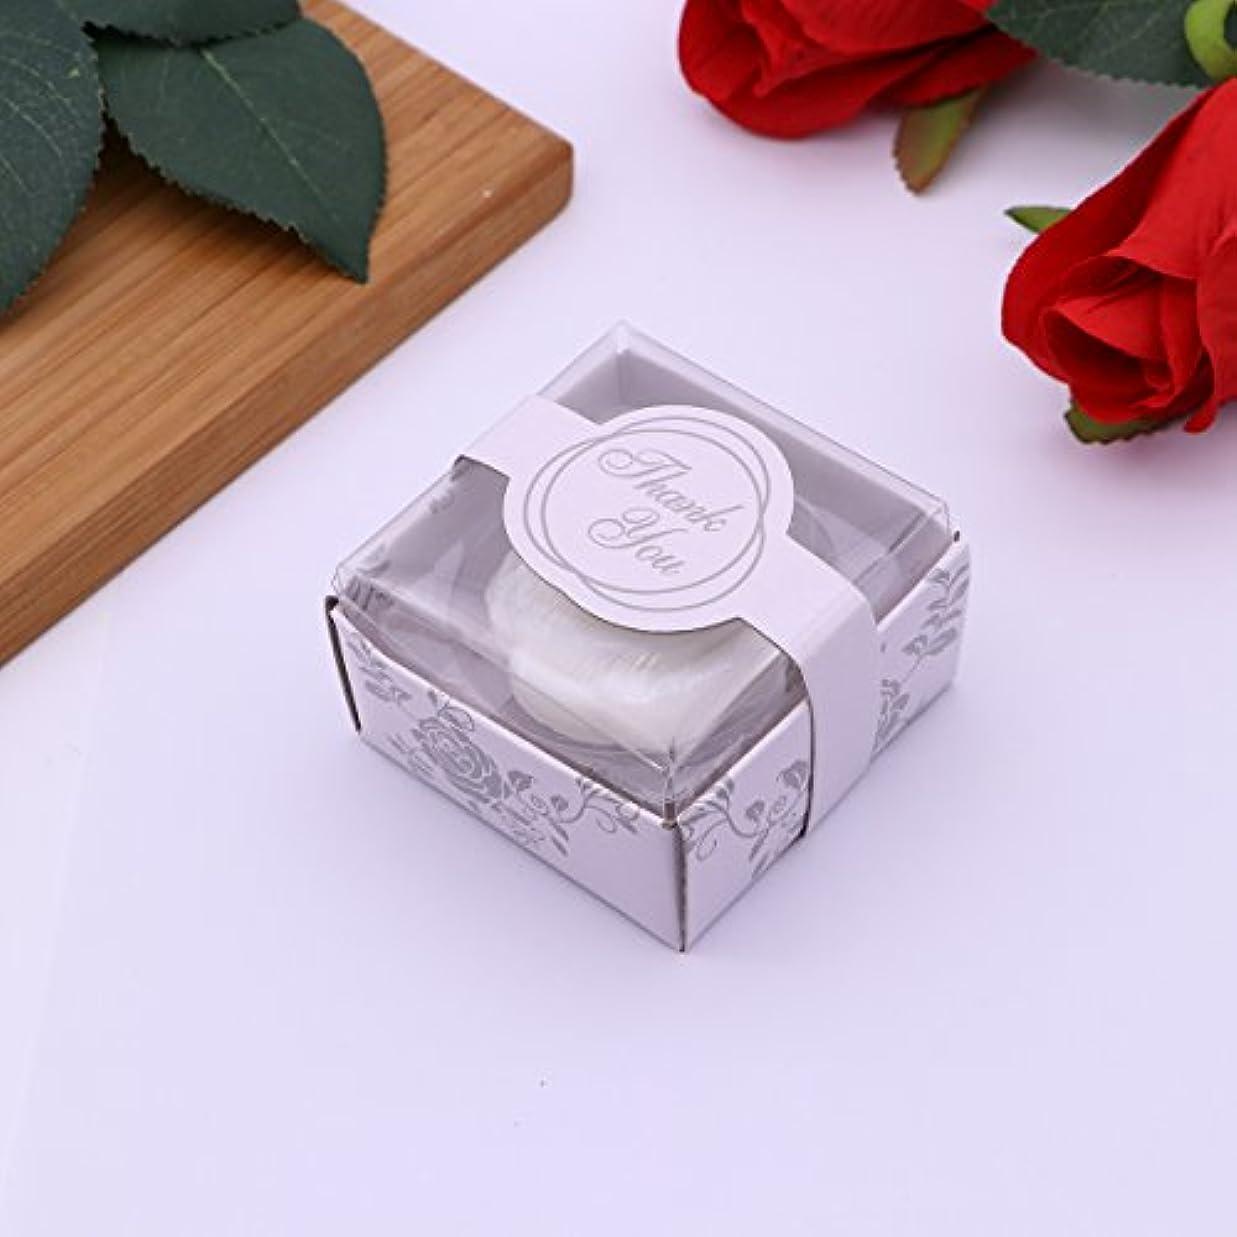 男やもめピクニックをするハッチAmosfun 手作り石鹸オイルローズフラワーソープアロマエッセンシャルオイルギフト記念日誕生日結婚式バレンタインデー(ホワイト)20ピース